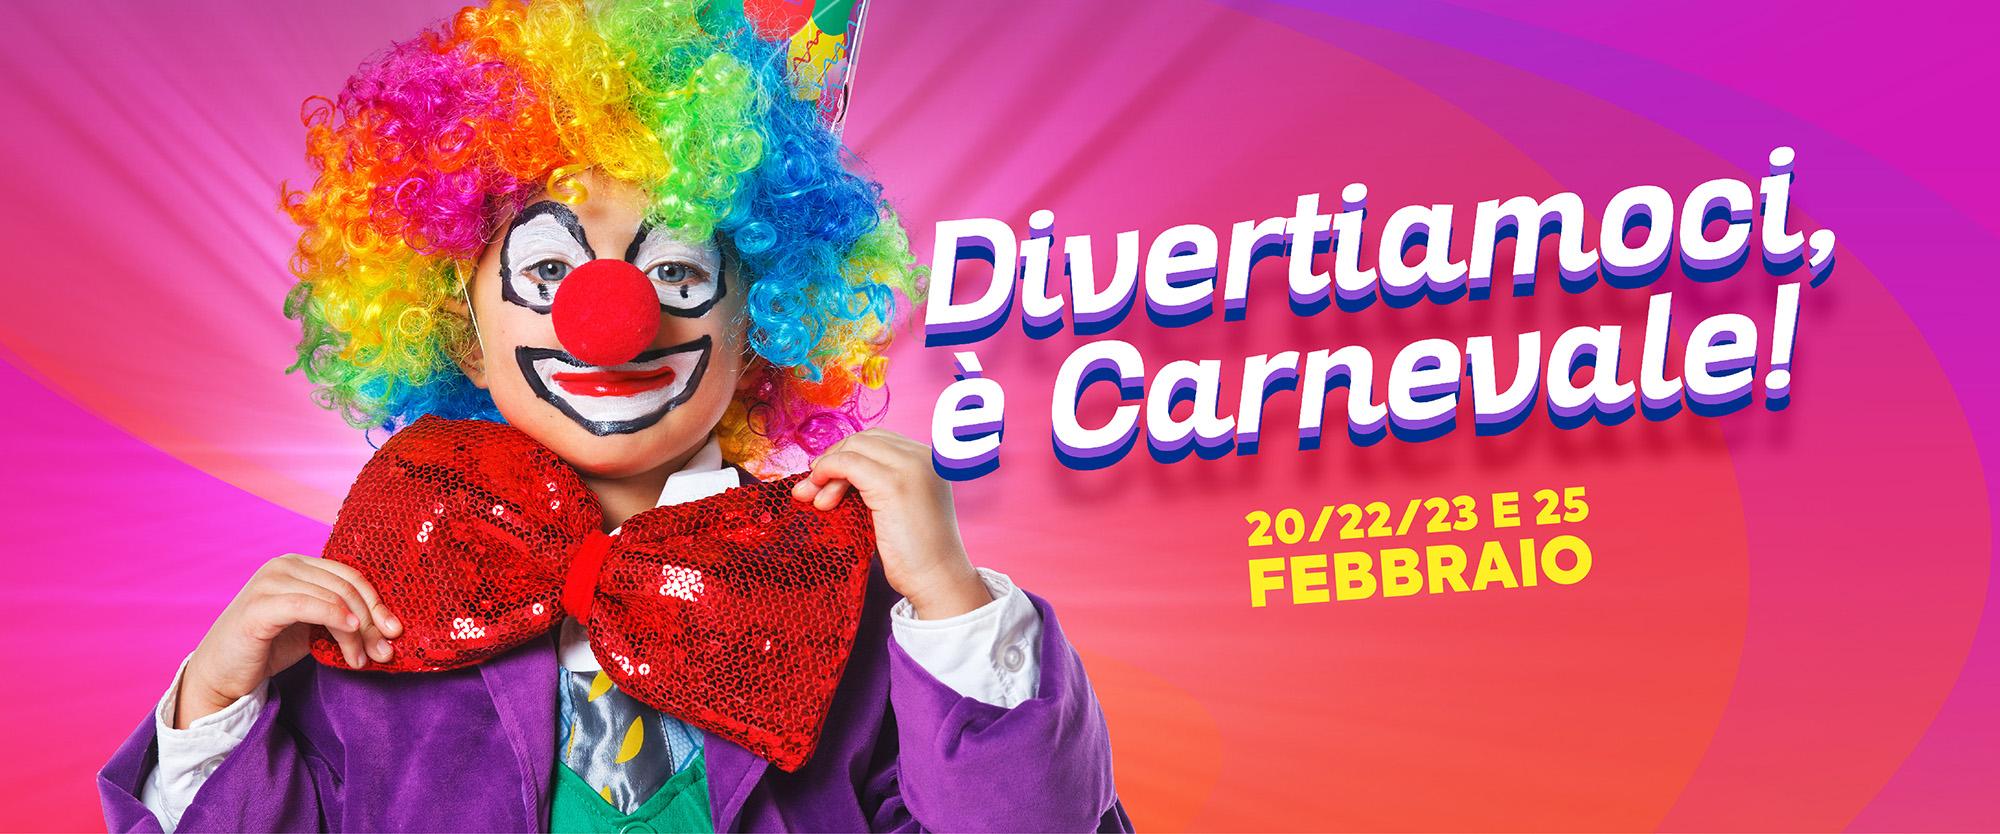 Albattente_Home_Carnevale2020